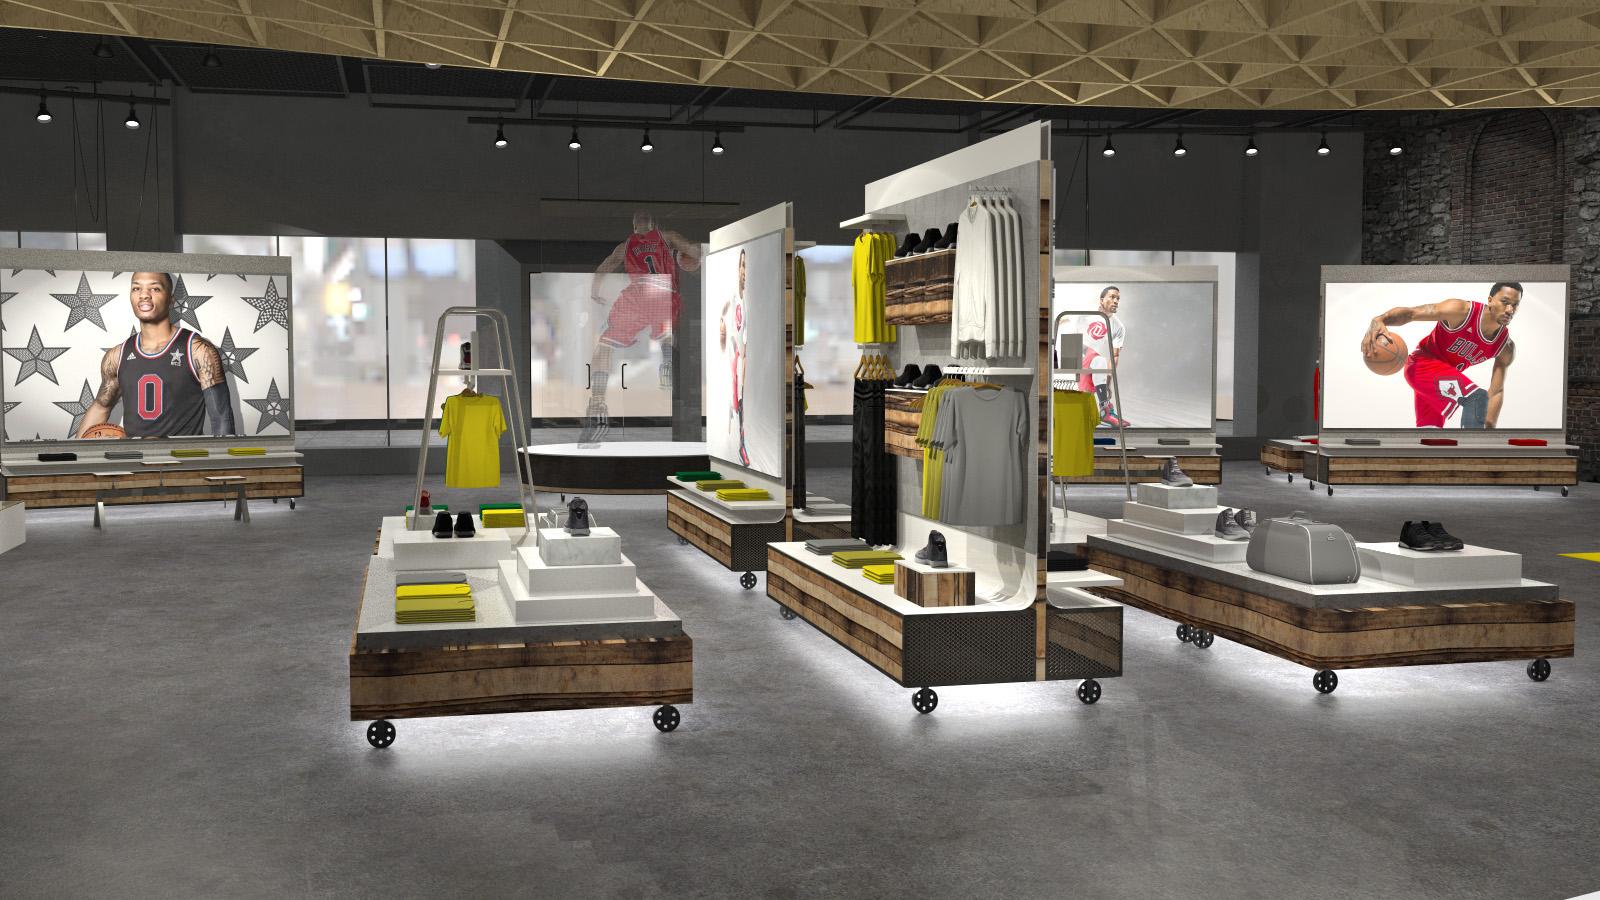 Ryan_Bubion_Adidas_Retail_Design_06